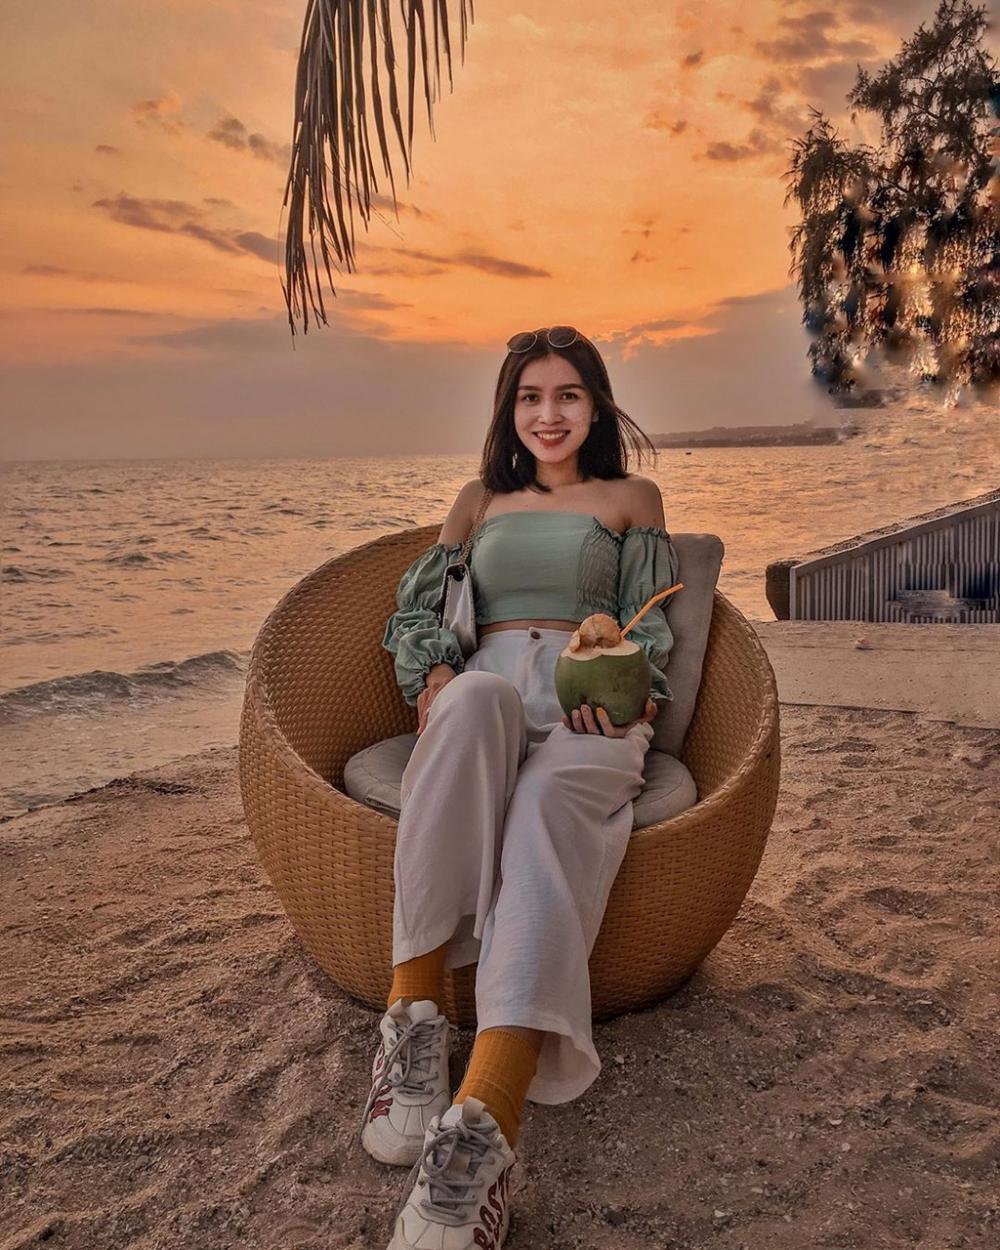 Nằm trên đường Nguyễn Đình Chiểu, Chameleon Beach Bar được bố trí uốn quanh bờ biển. Nơi đây có không gian mở đẹp theo phong cách Âu - Mỹ Latin, kết hợp hài hòa giữa cổ điển và hiện đại. Khuôn viên chính của Chameleon được trang trí với những bộ bàn ghế mây tròn lạ mắt. Những chiếc ghế nhỏ xinh được đặt dưới tán cây dừa xanh mát, tạo cảm giác thư thái cho du khách khi ngắm cảnh. Đồng thời, đây cũng là góc được giới trẻ chụp ảnh check-in. Ảnh: Cherynguyen.130, Chouchou.111.